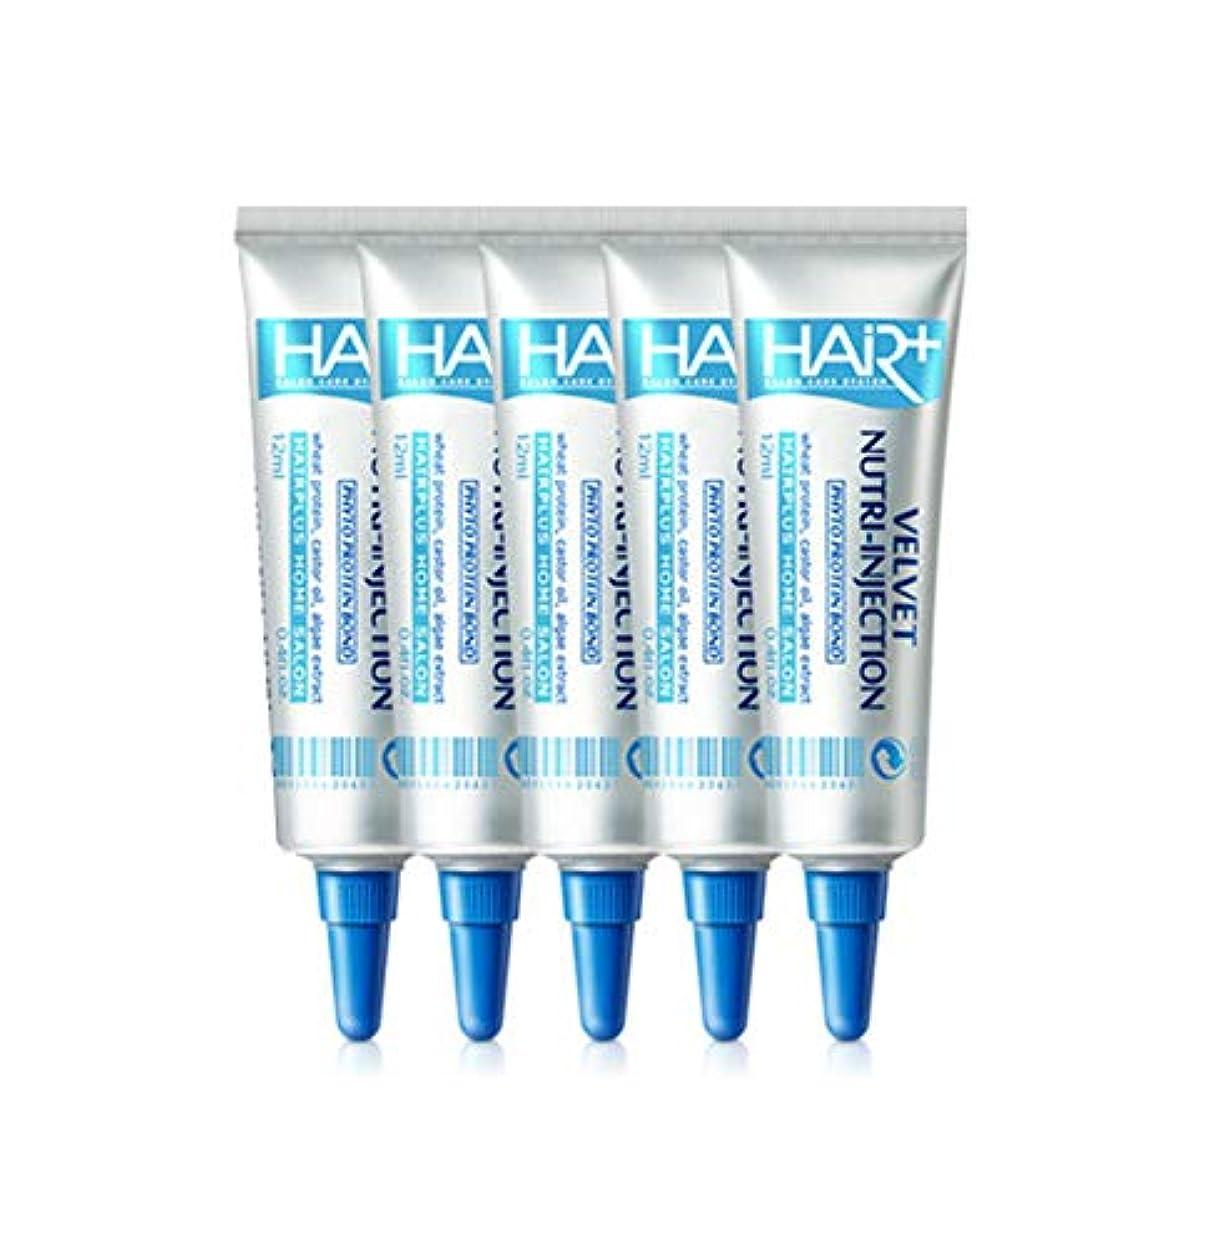 運命トピックアクセントヘアプラスHairplus韓国コスメヘアタンパク質アンプルヘアケアトリートメント12ml 5個 海外直送品Protein Treatment [並行輸入品]